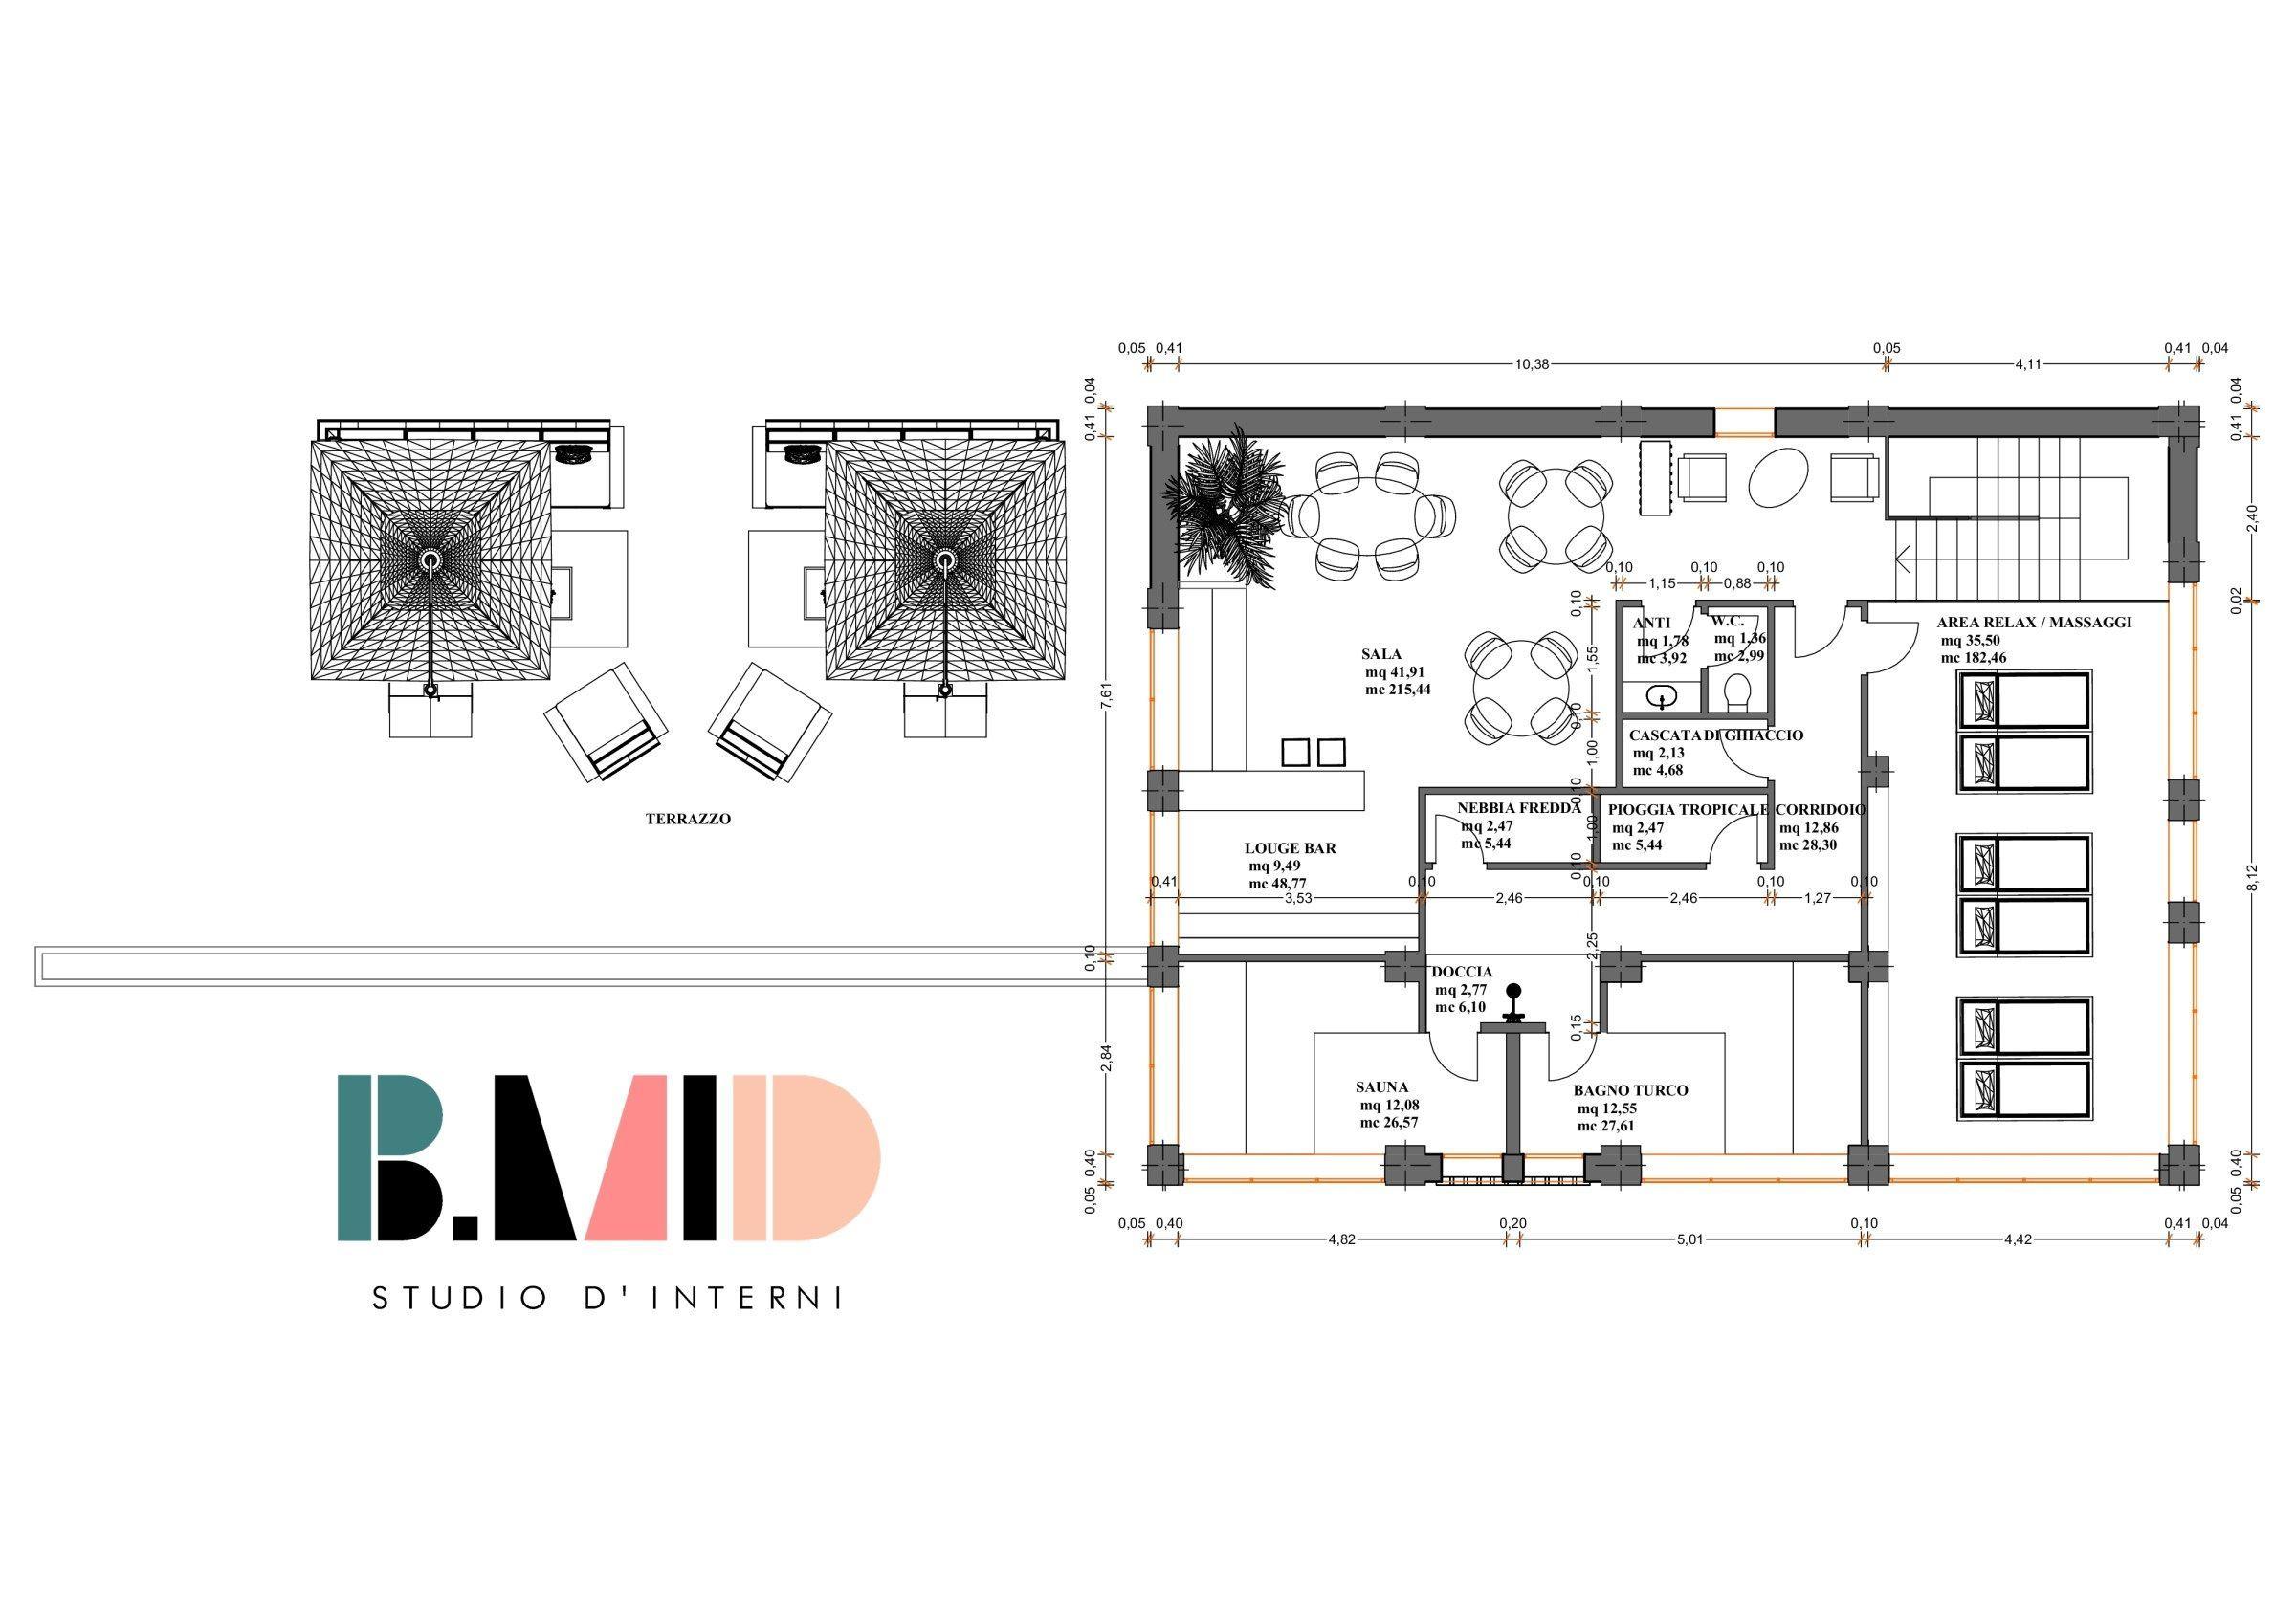 Progetto per un centro benessere SPA – Bettio Marta interior design – arredare casa – idee per mobili, cucina e fai da te – DIY